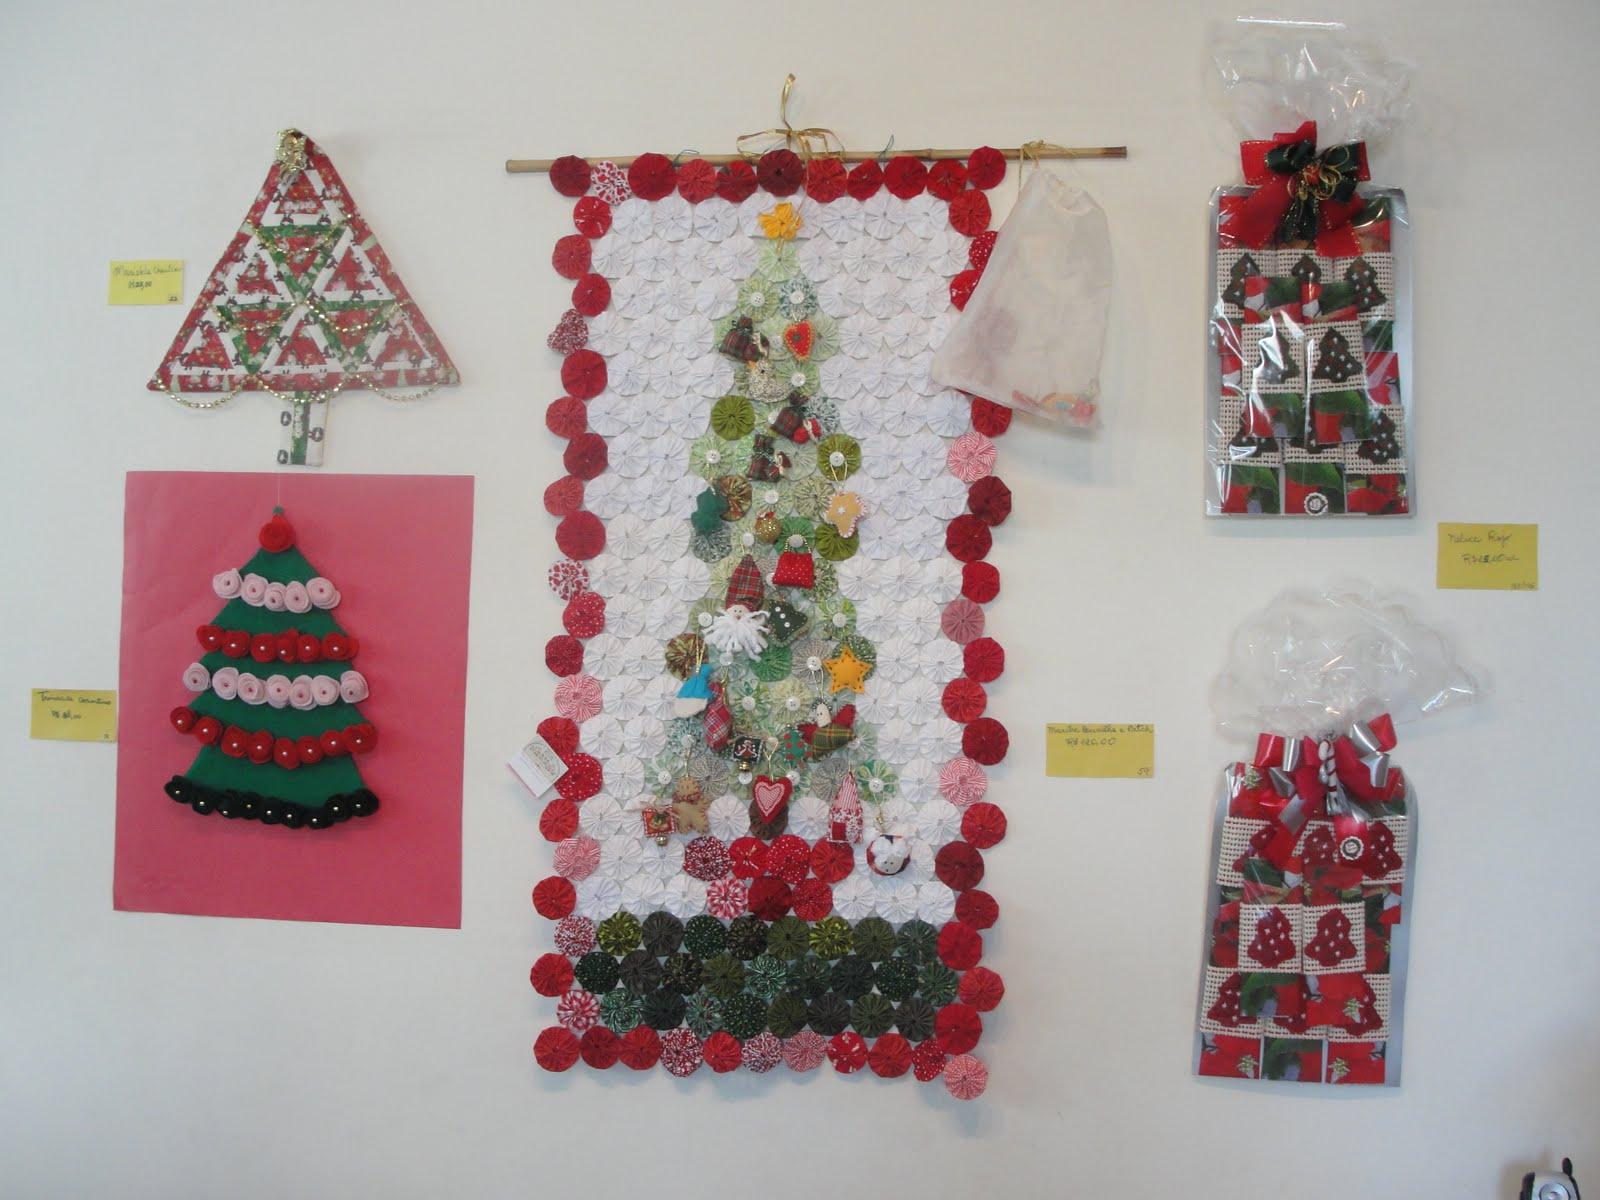 0f7883d76ba Todos os cantinhos do escritório de arquitetura da Denise ficam tomados por  todas as formas e conceitos de árvores de Natal. Vale a pena uma visita!